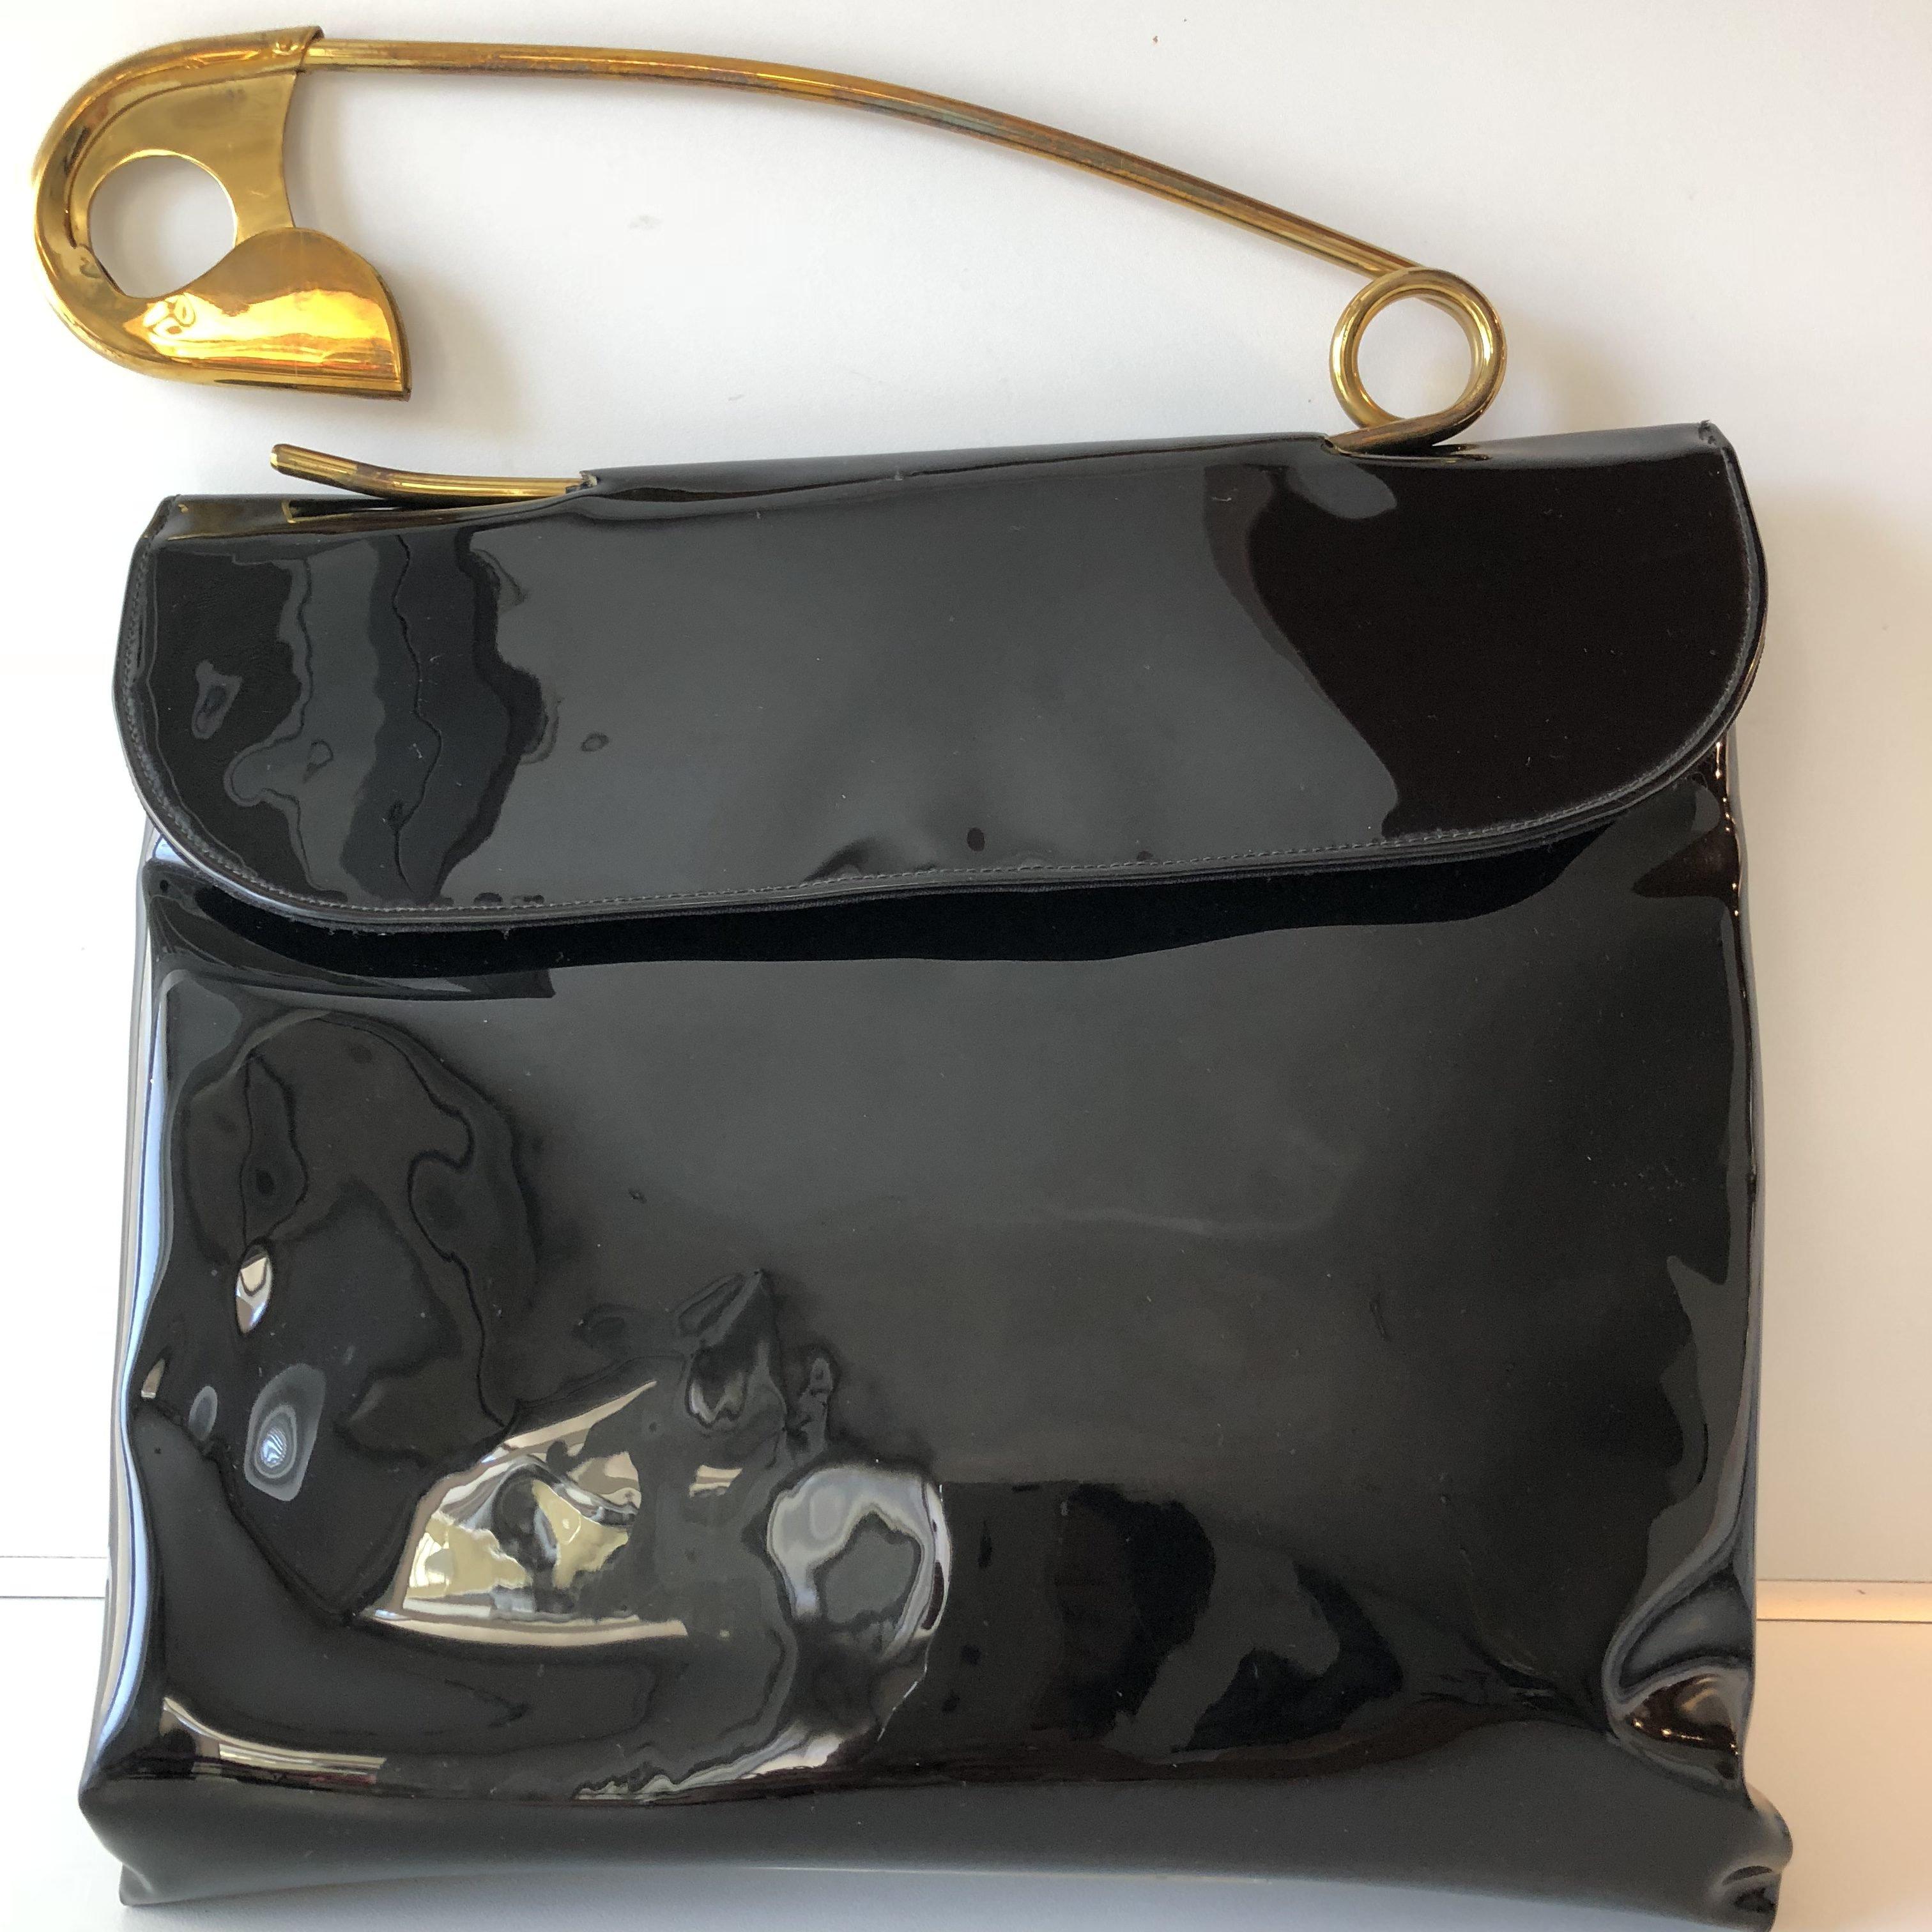 Koret Patent Leather KINGPIN